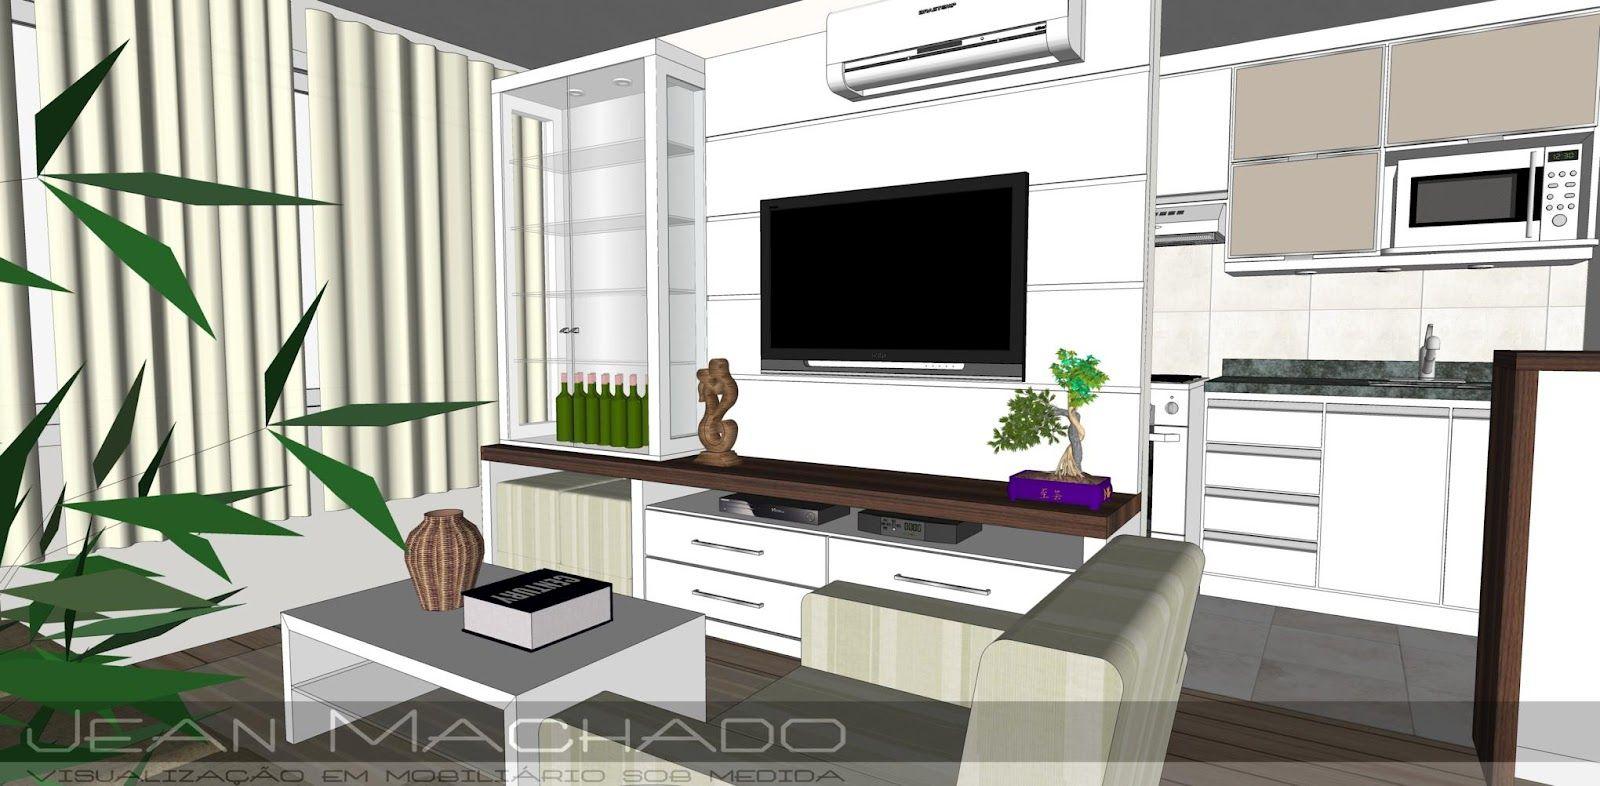 Home-entertainment-design-ideen estarcozinha  visualização em mobiliário sob medida furniture